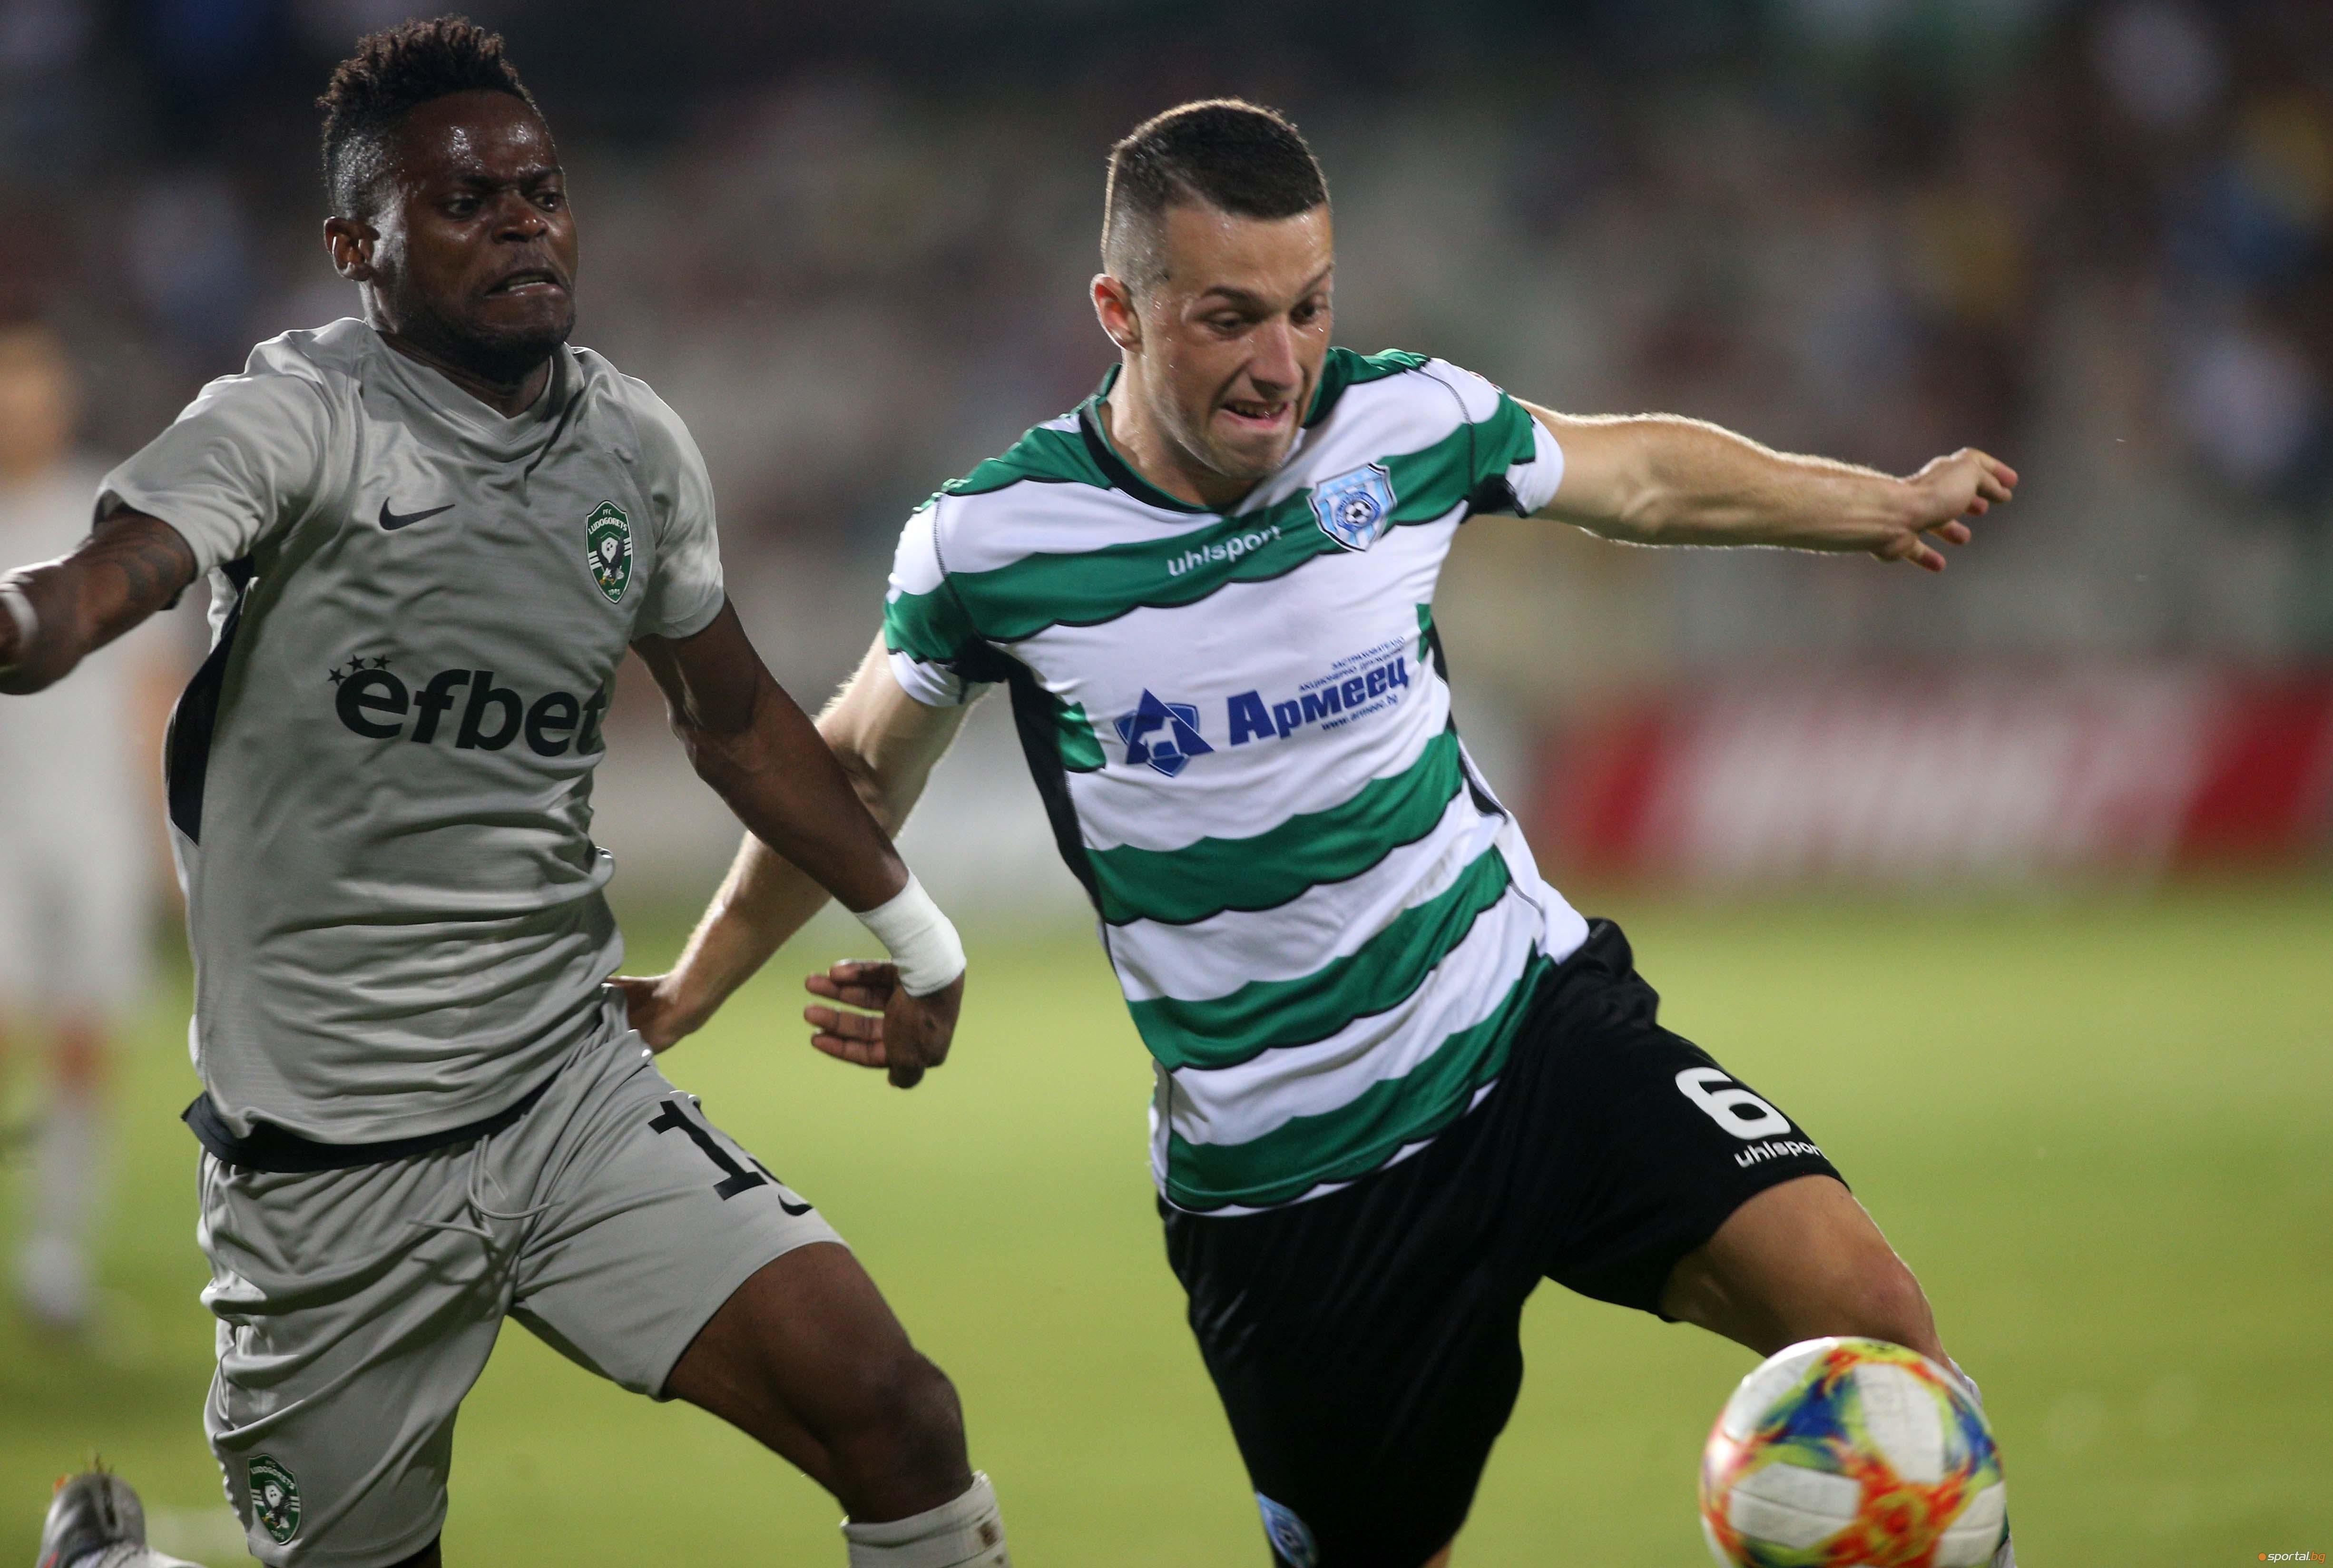 Младият футболист на Черно море Виктор Попов смята, че липсата